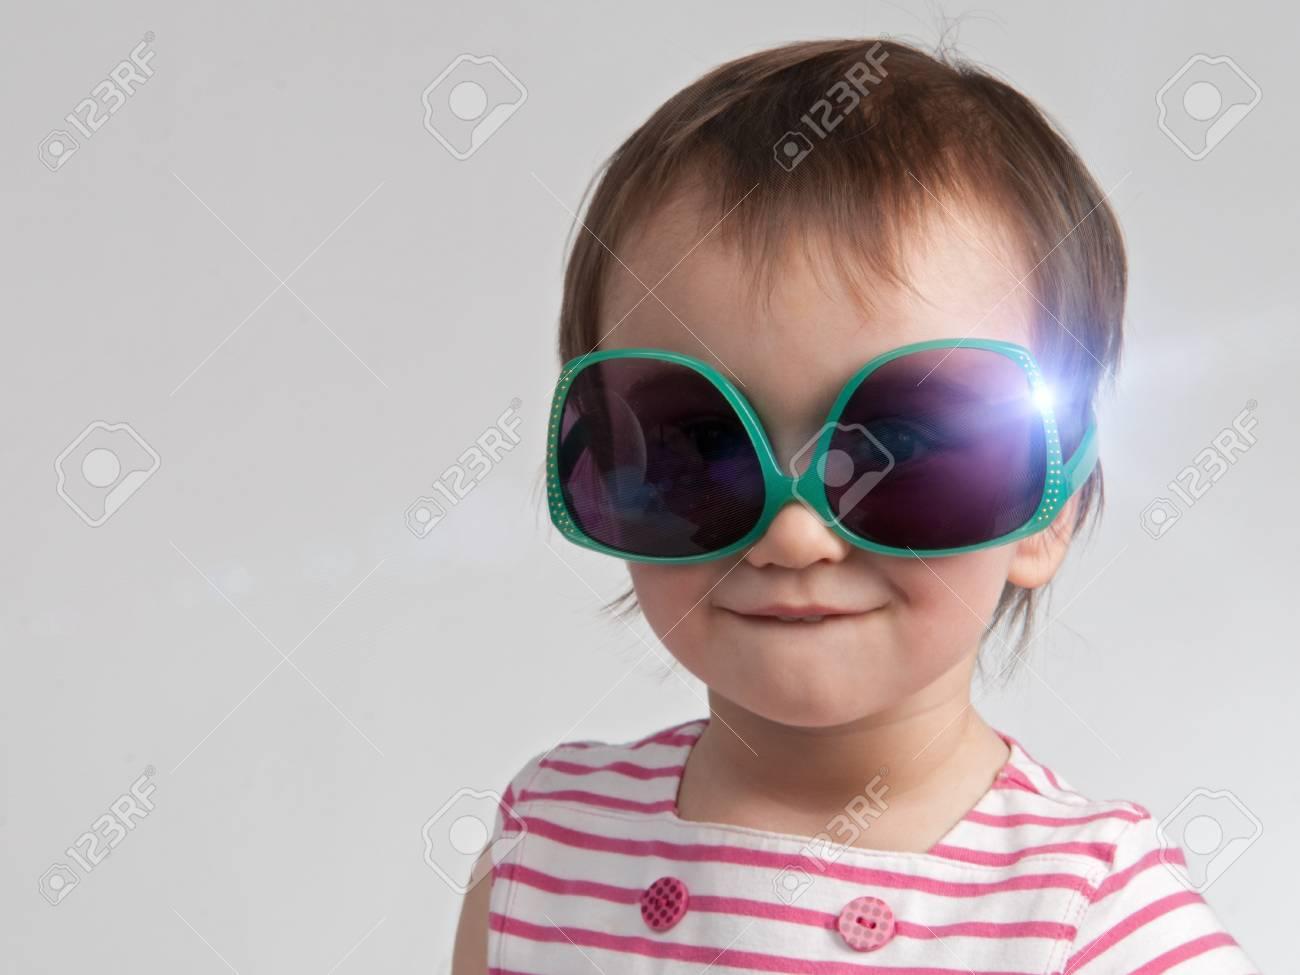 4481798deb Banque d'images - Sourire petite fille avec des lunettes de soleil vertes